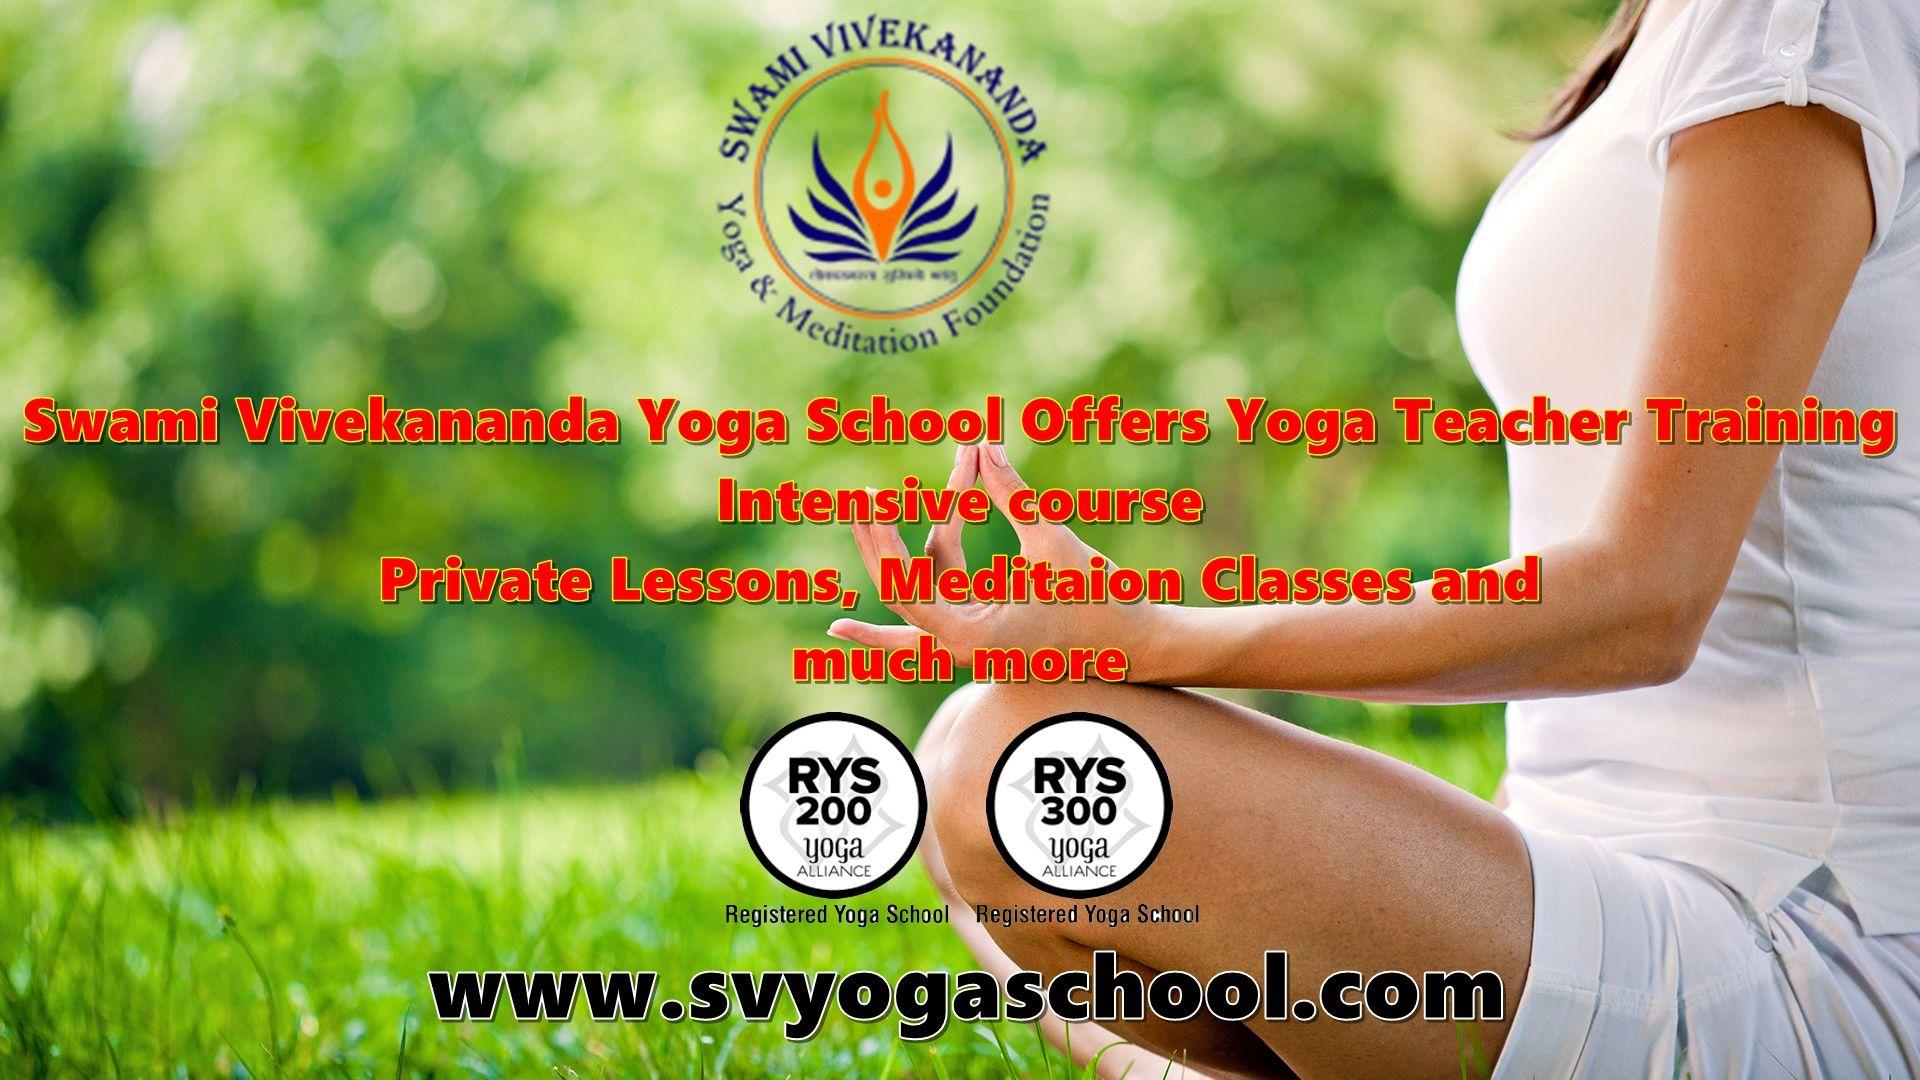 Yoga Teacher Training In Rishikesh Yoga Teacher Training Rishikesh Yoga Teacher Training 200 Hour Yoga Teacher Training